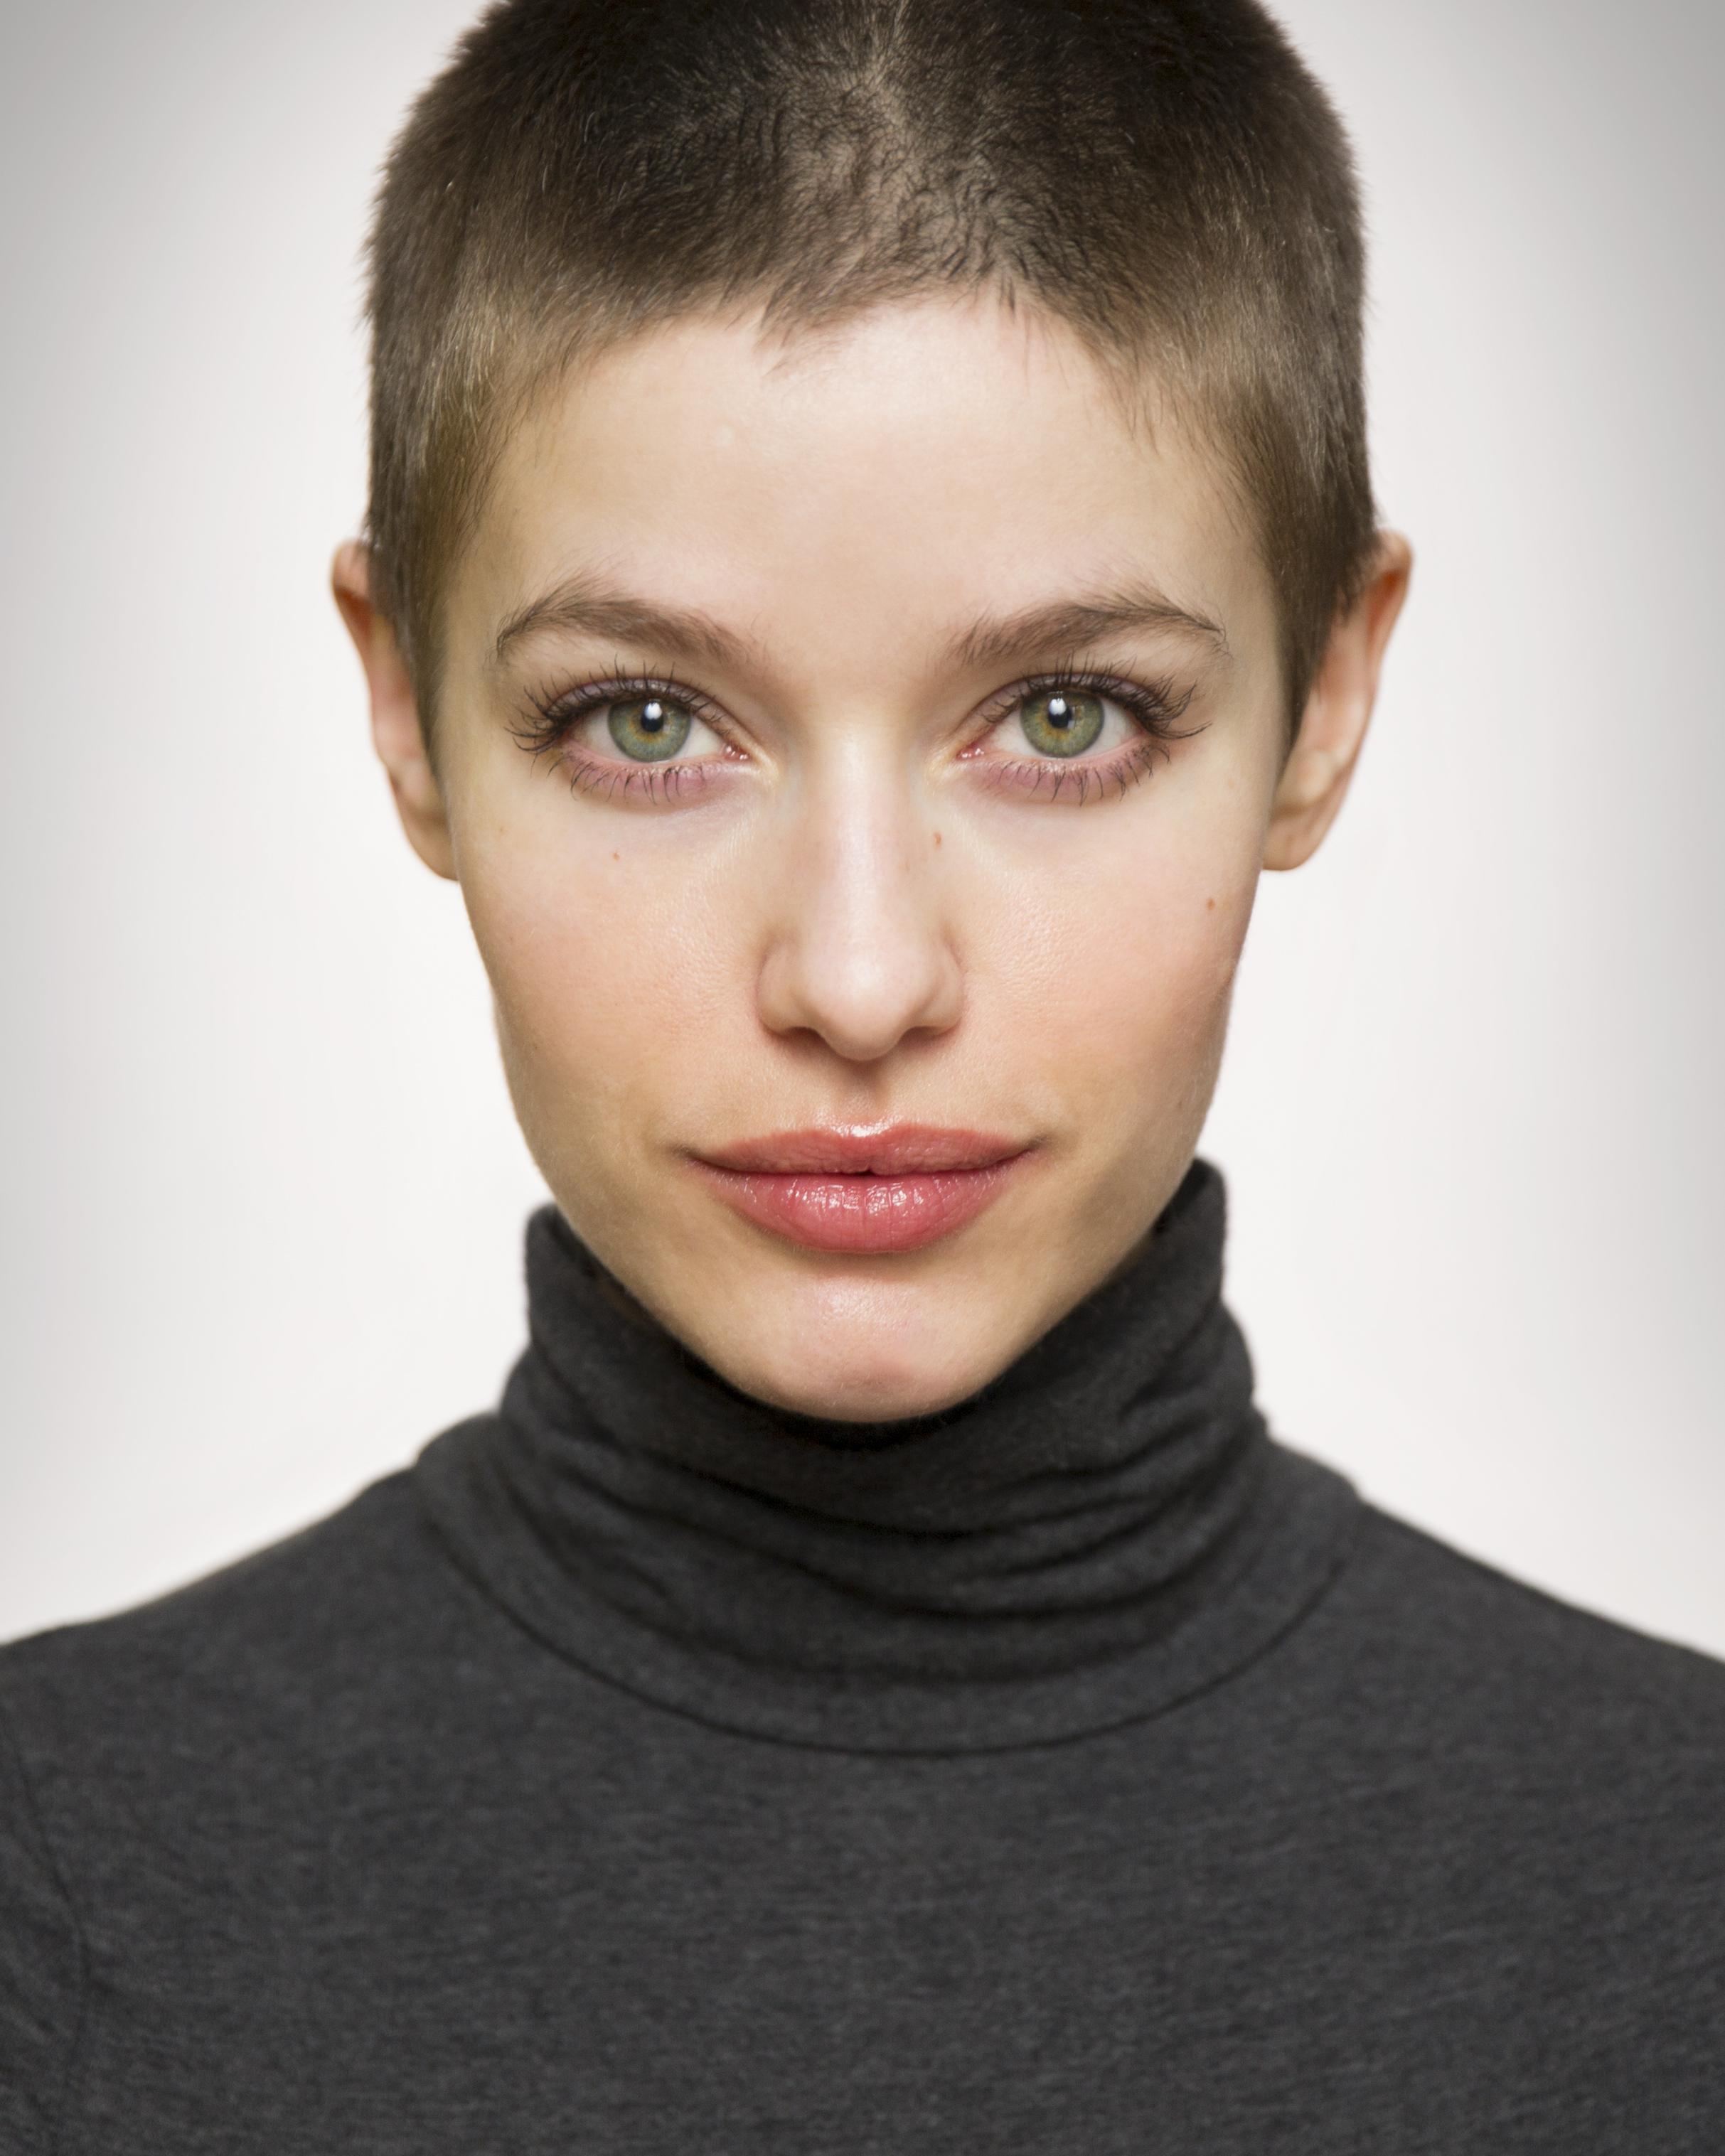 Evalena Marie 3 crop.jpg